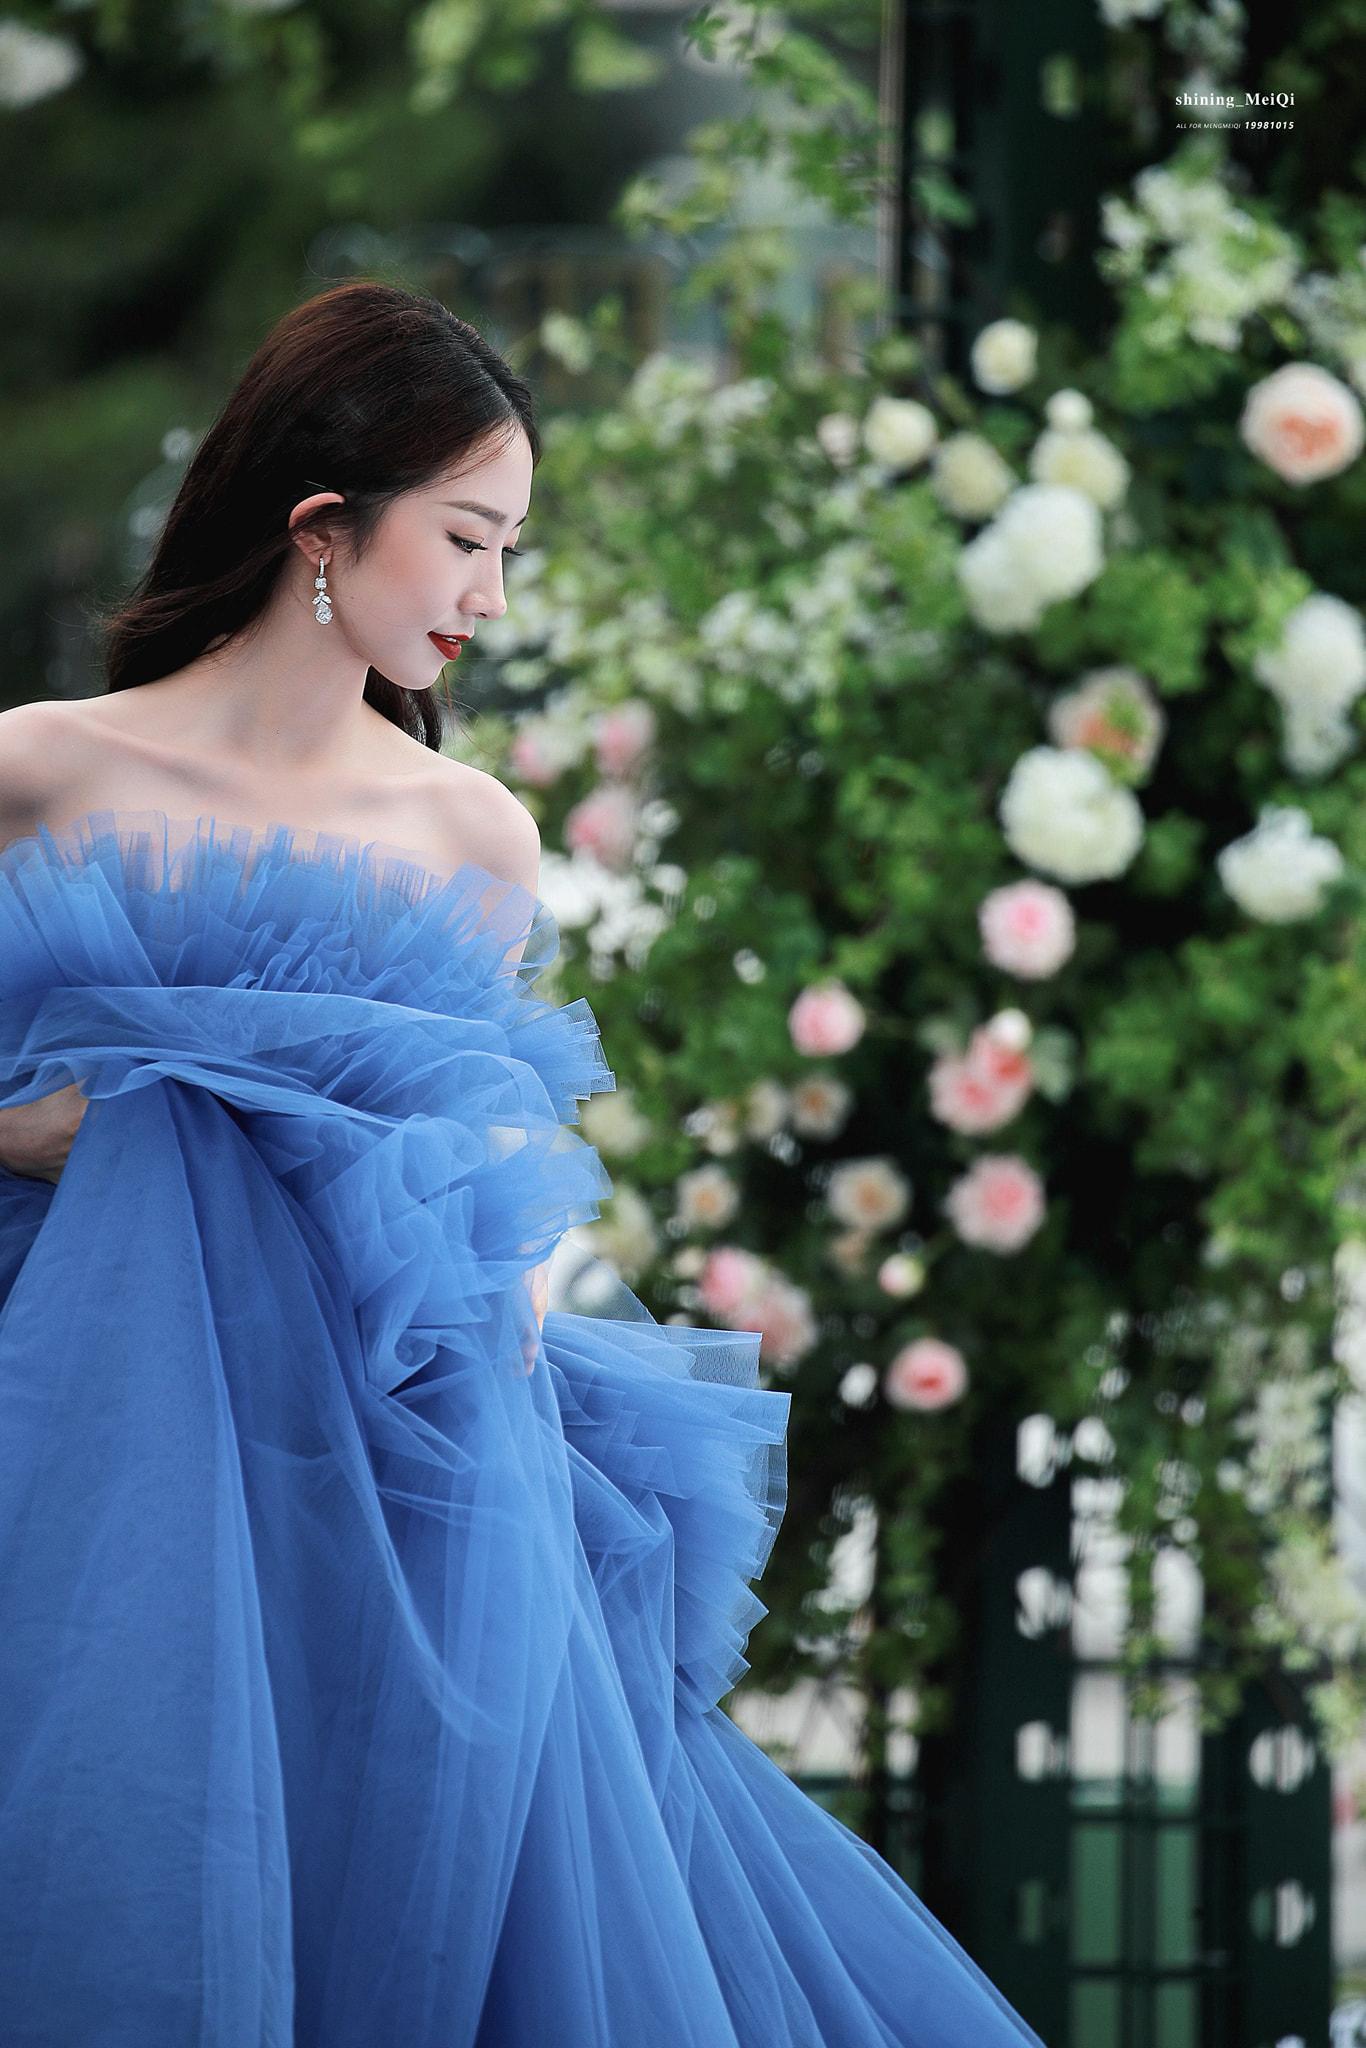 BXH sao nữ Cbiz tháng 7/2021: 'Đỉnh lưu dởm' Dương Tử top 1, Lệ Dĩnh, Diệc Phi vắng bóng 10